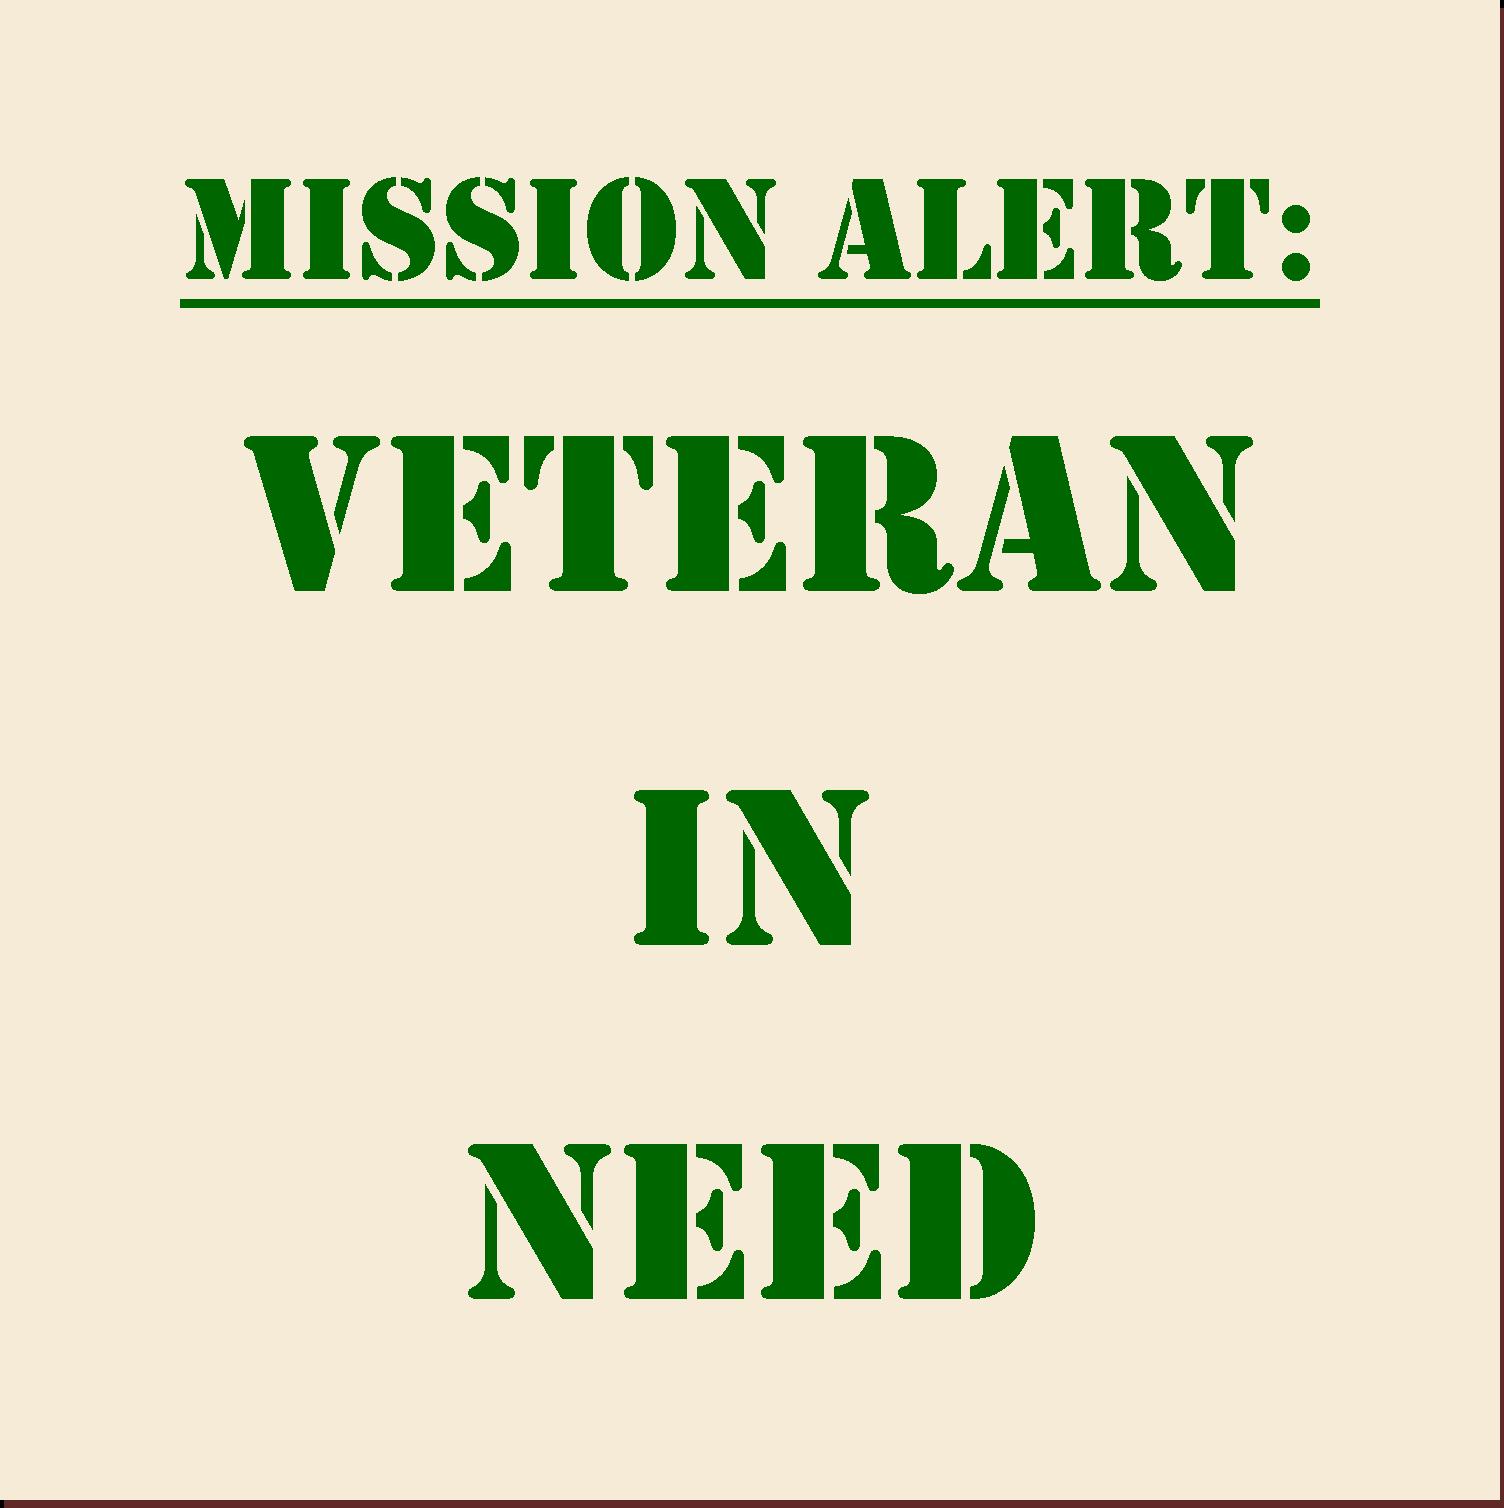 VA_Needs